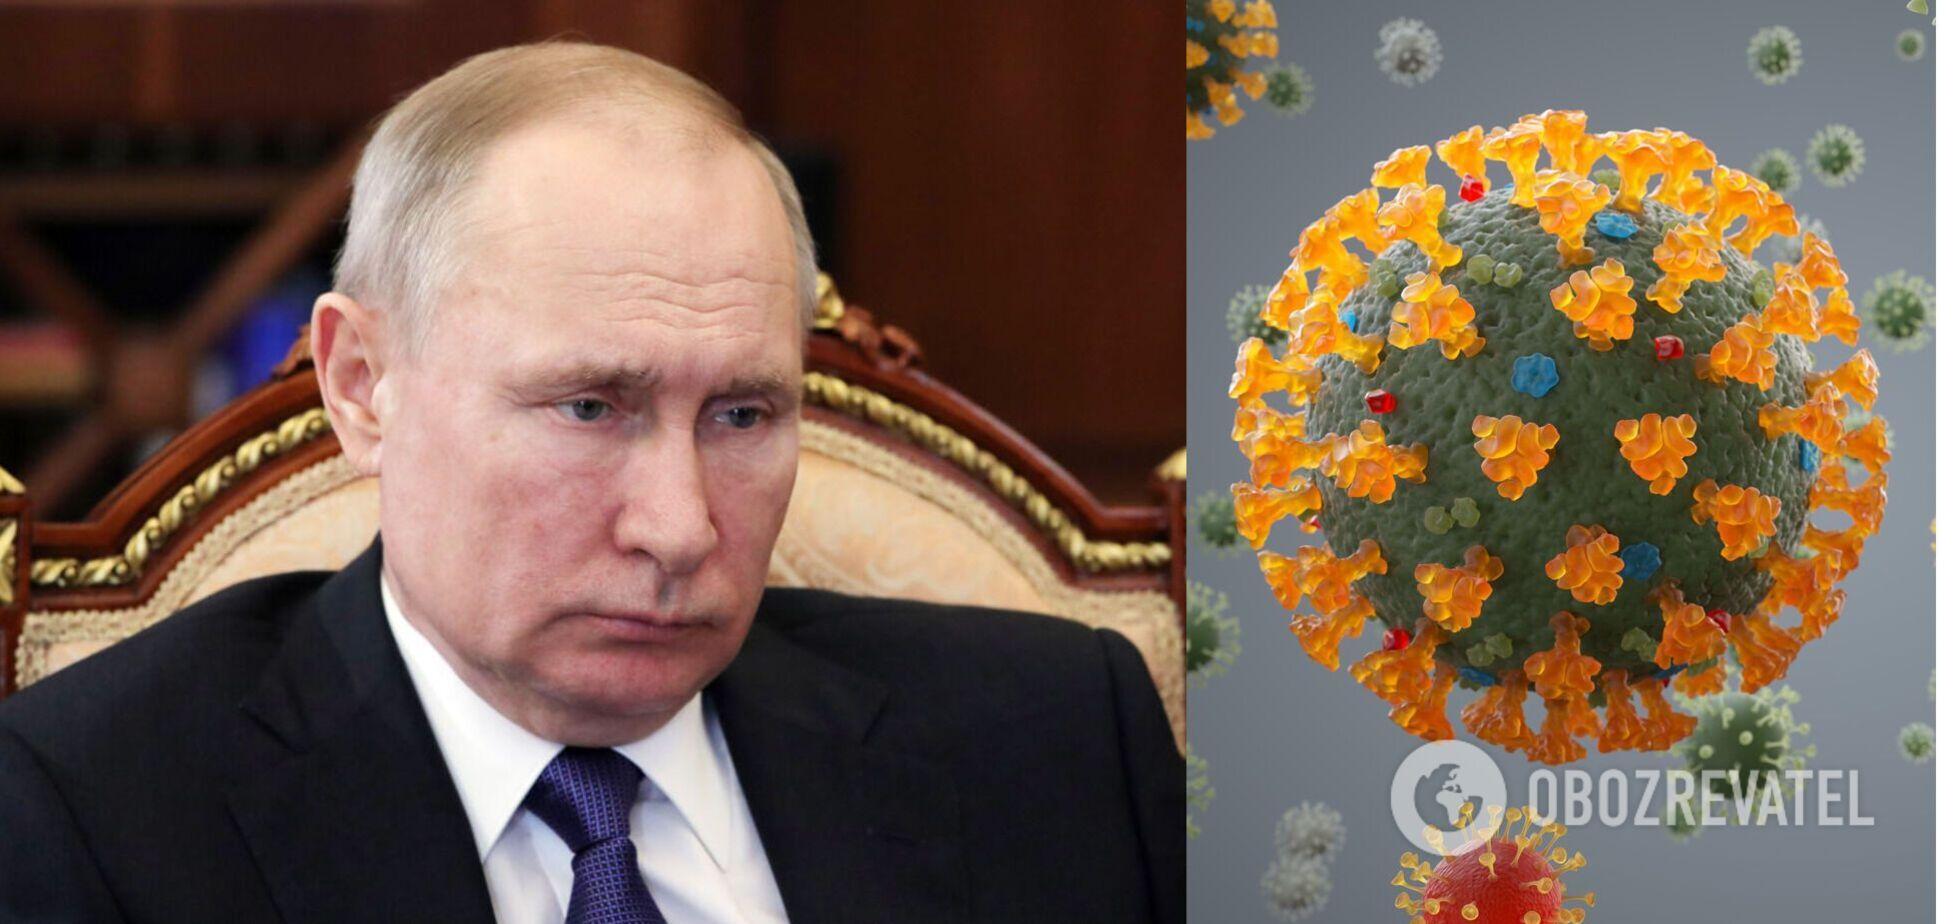 Россия и коронавирус: Путин боится разоблачения